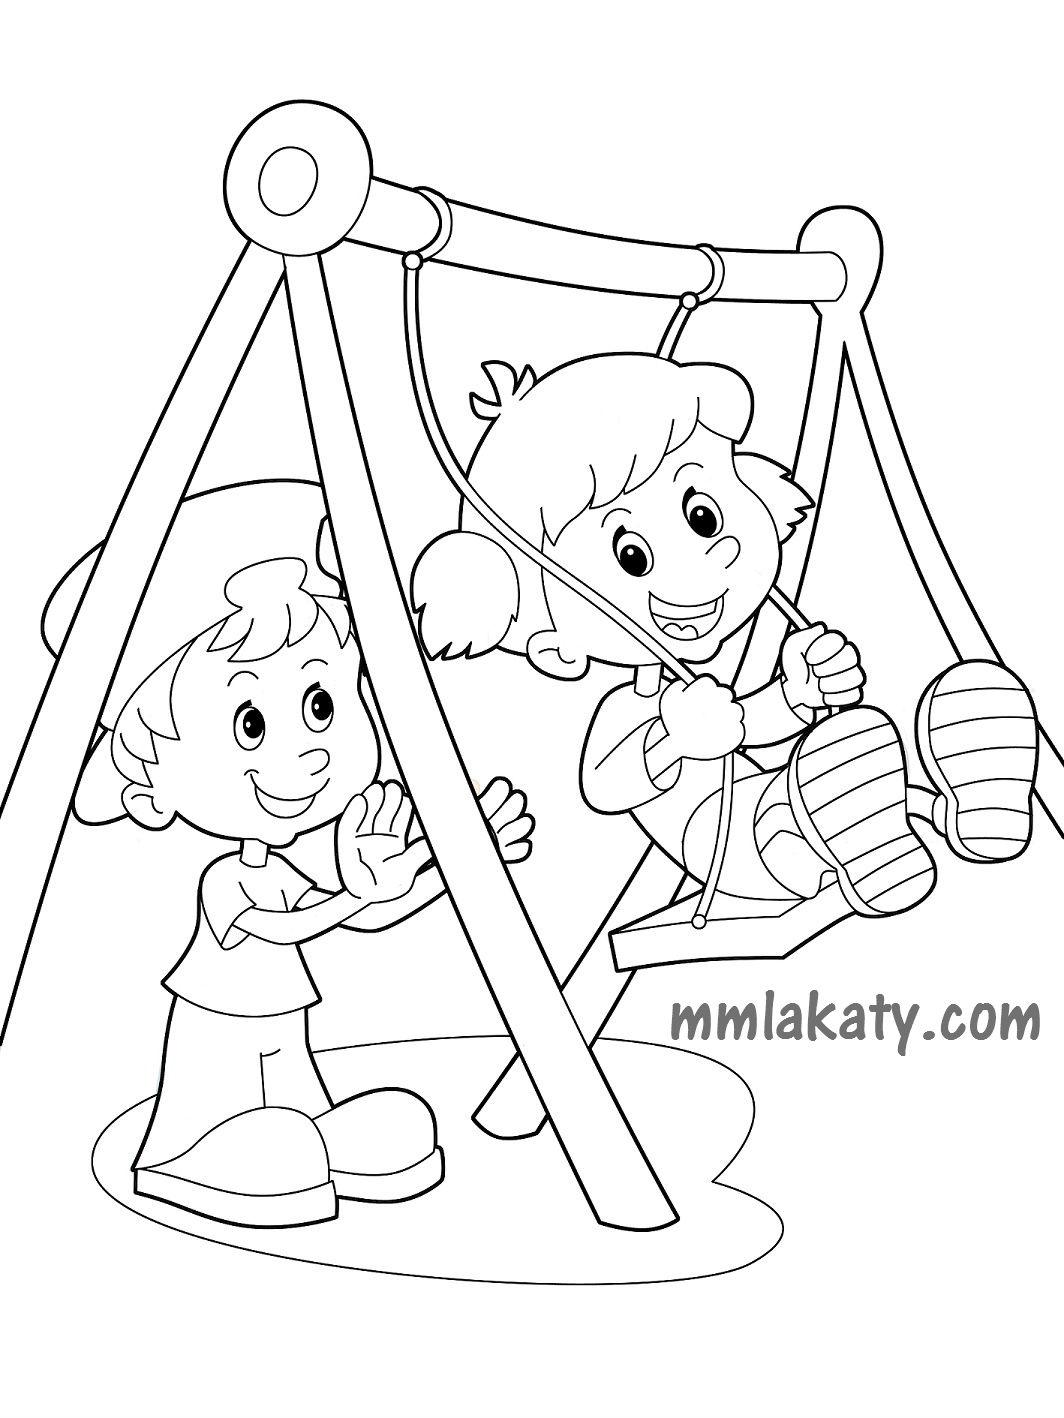 تحميل لعبة رسم وتلوين للاطفال